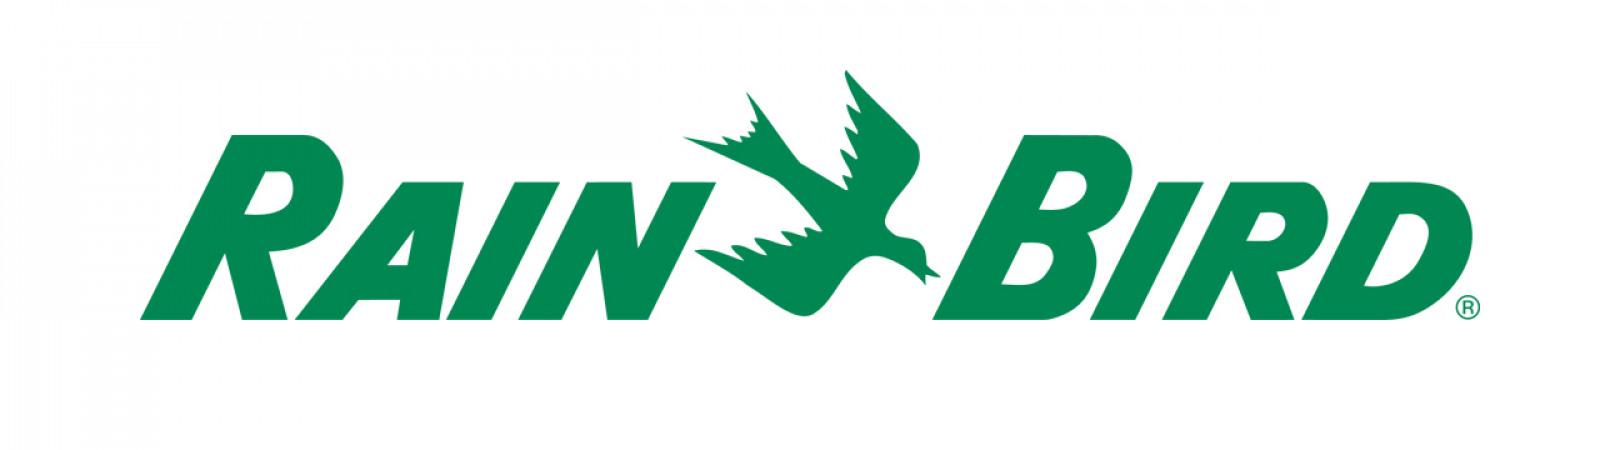 Rain-Bird-logo-Van-den-Borne